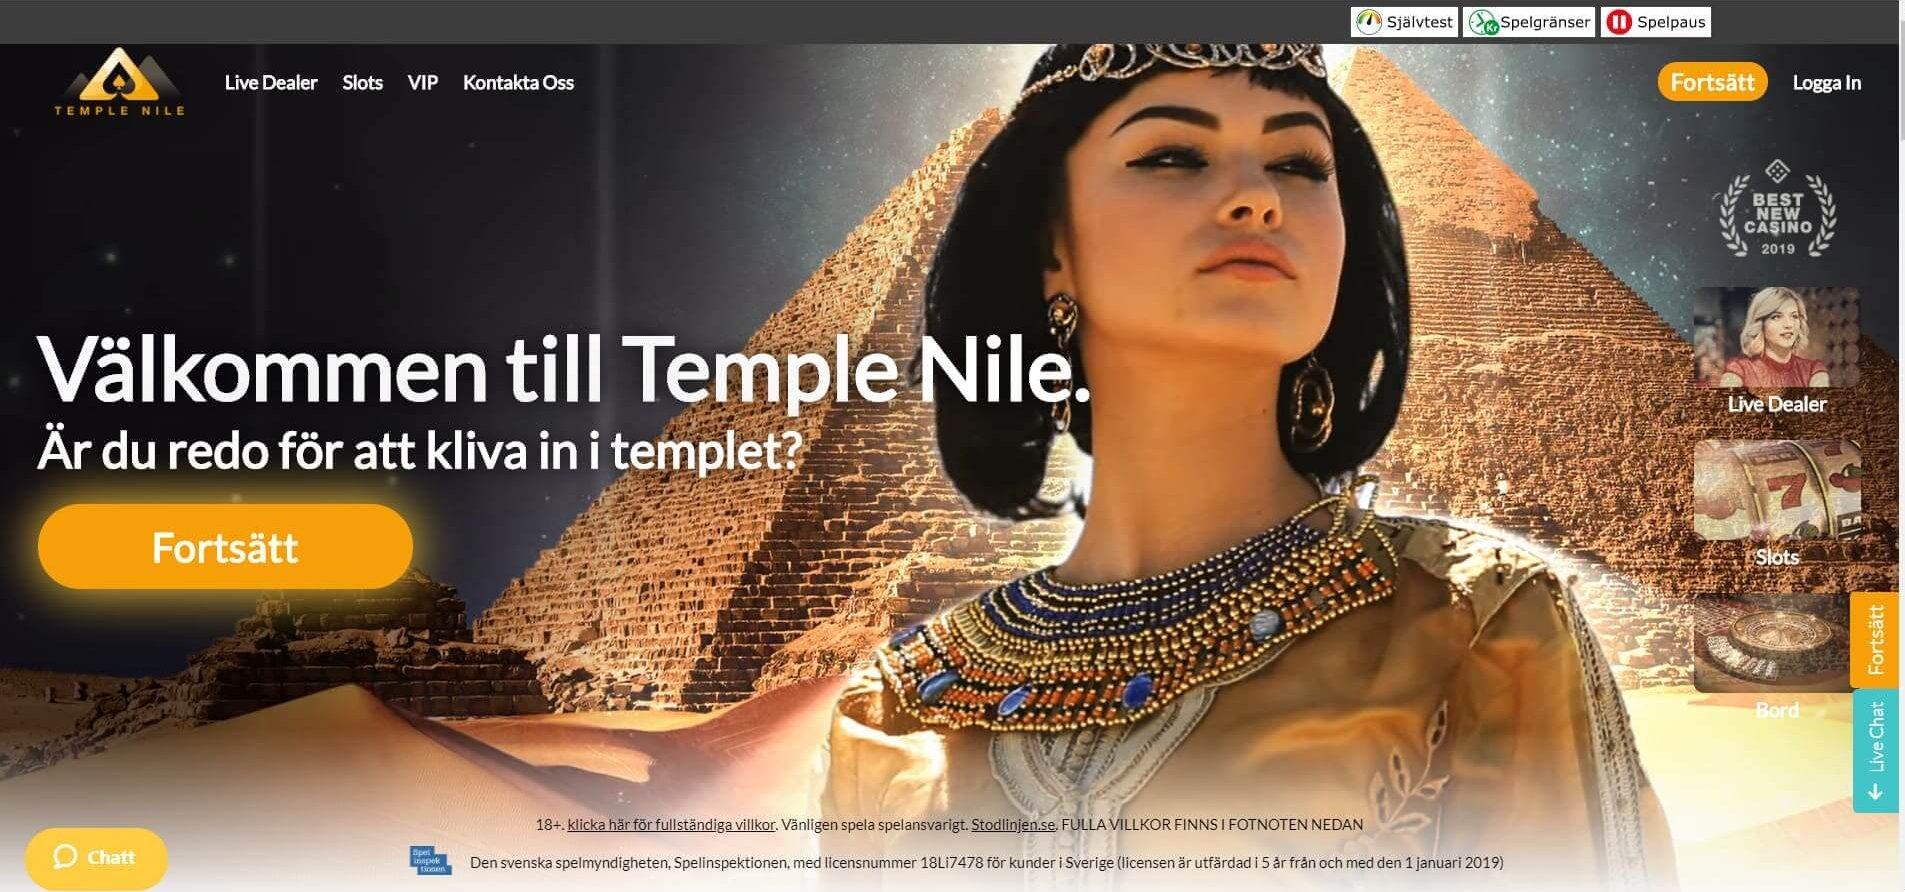 Temple Nile Casino ger dig ett lyxigt online casino